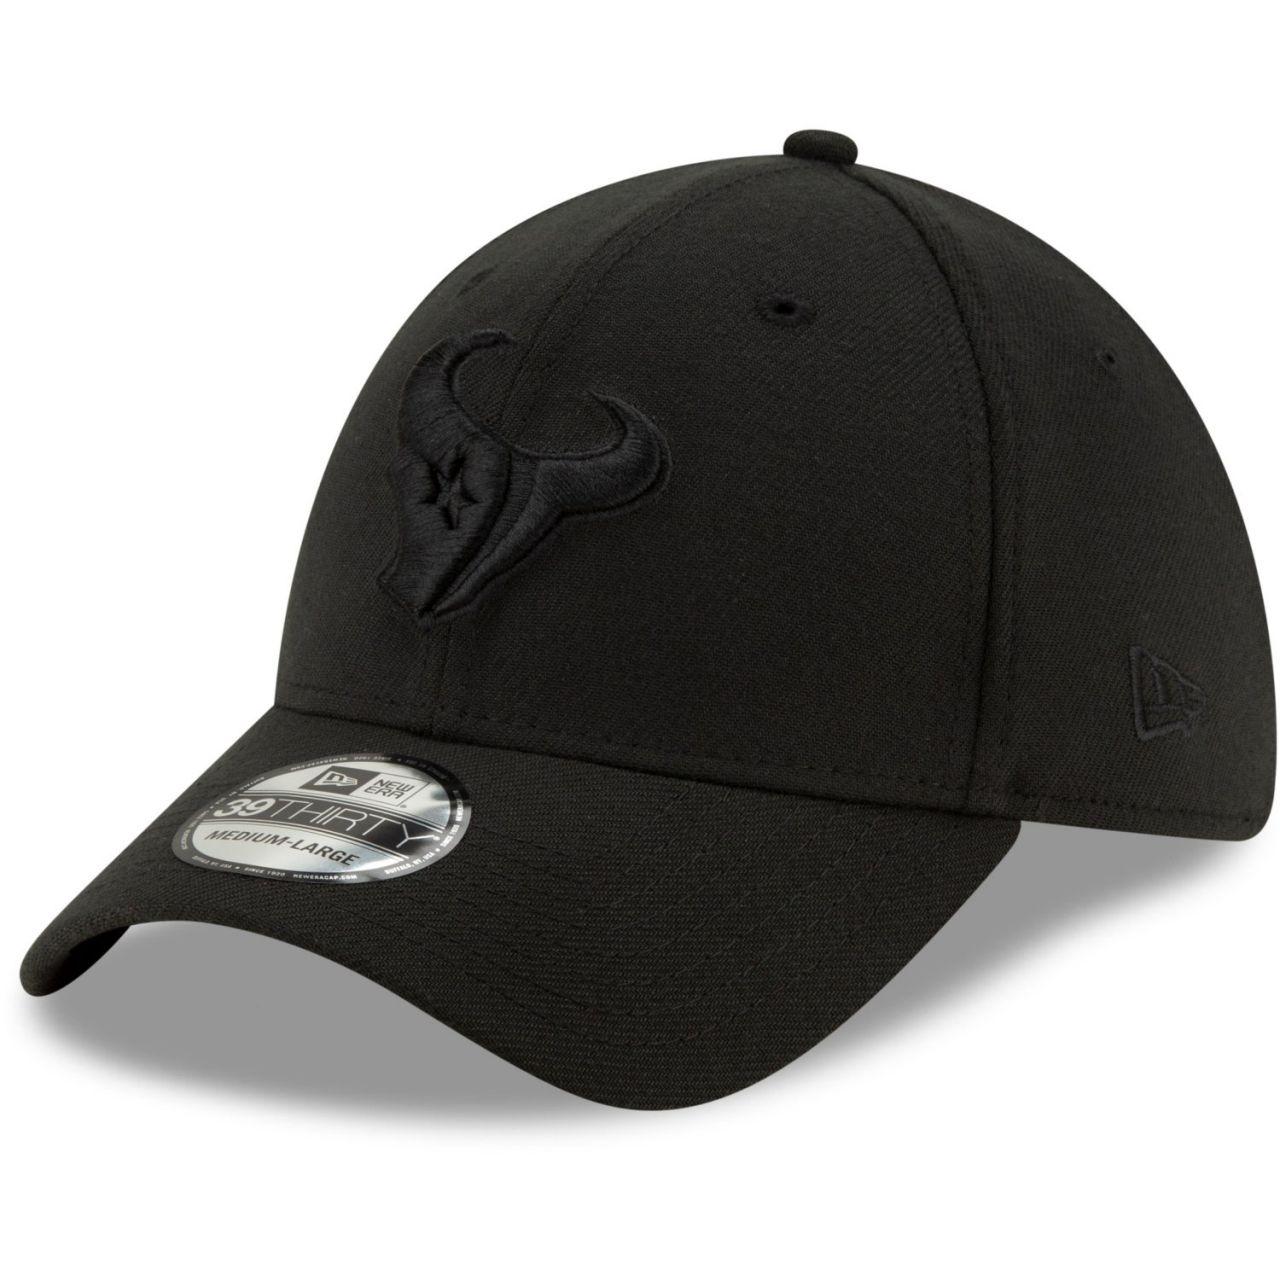 amfoo - New Era 39Thirty Stretch Cap - NFL Houston Texans